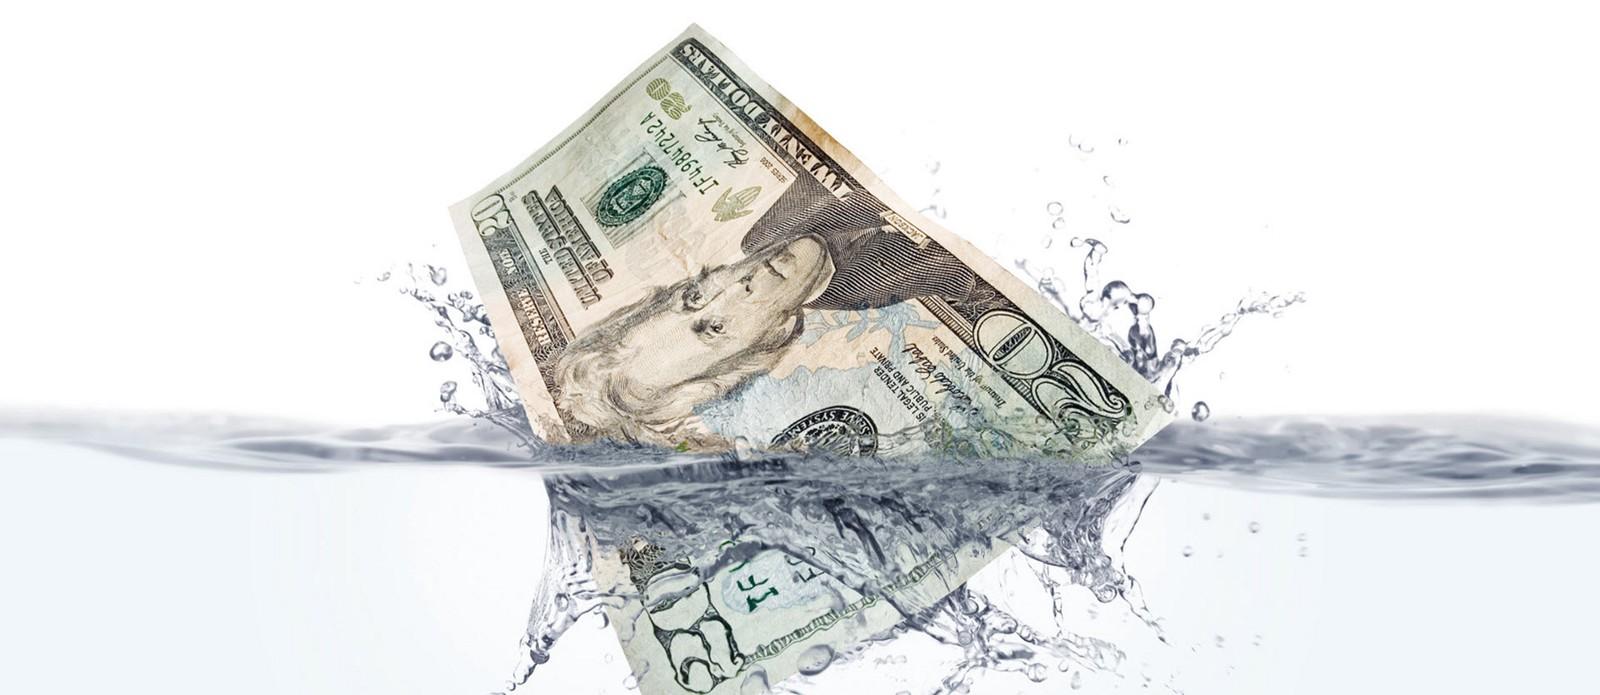 Combattere il riciclaggio di denaro nelle criptovalute accordo tra Binance e Chainalysis - Combattere il riciclaggio di denaro nelle criptovalute: accordo tra Binance e Chainalysis